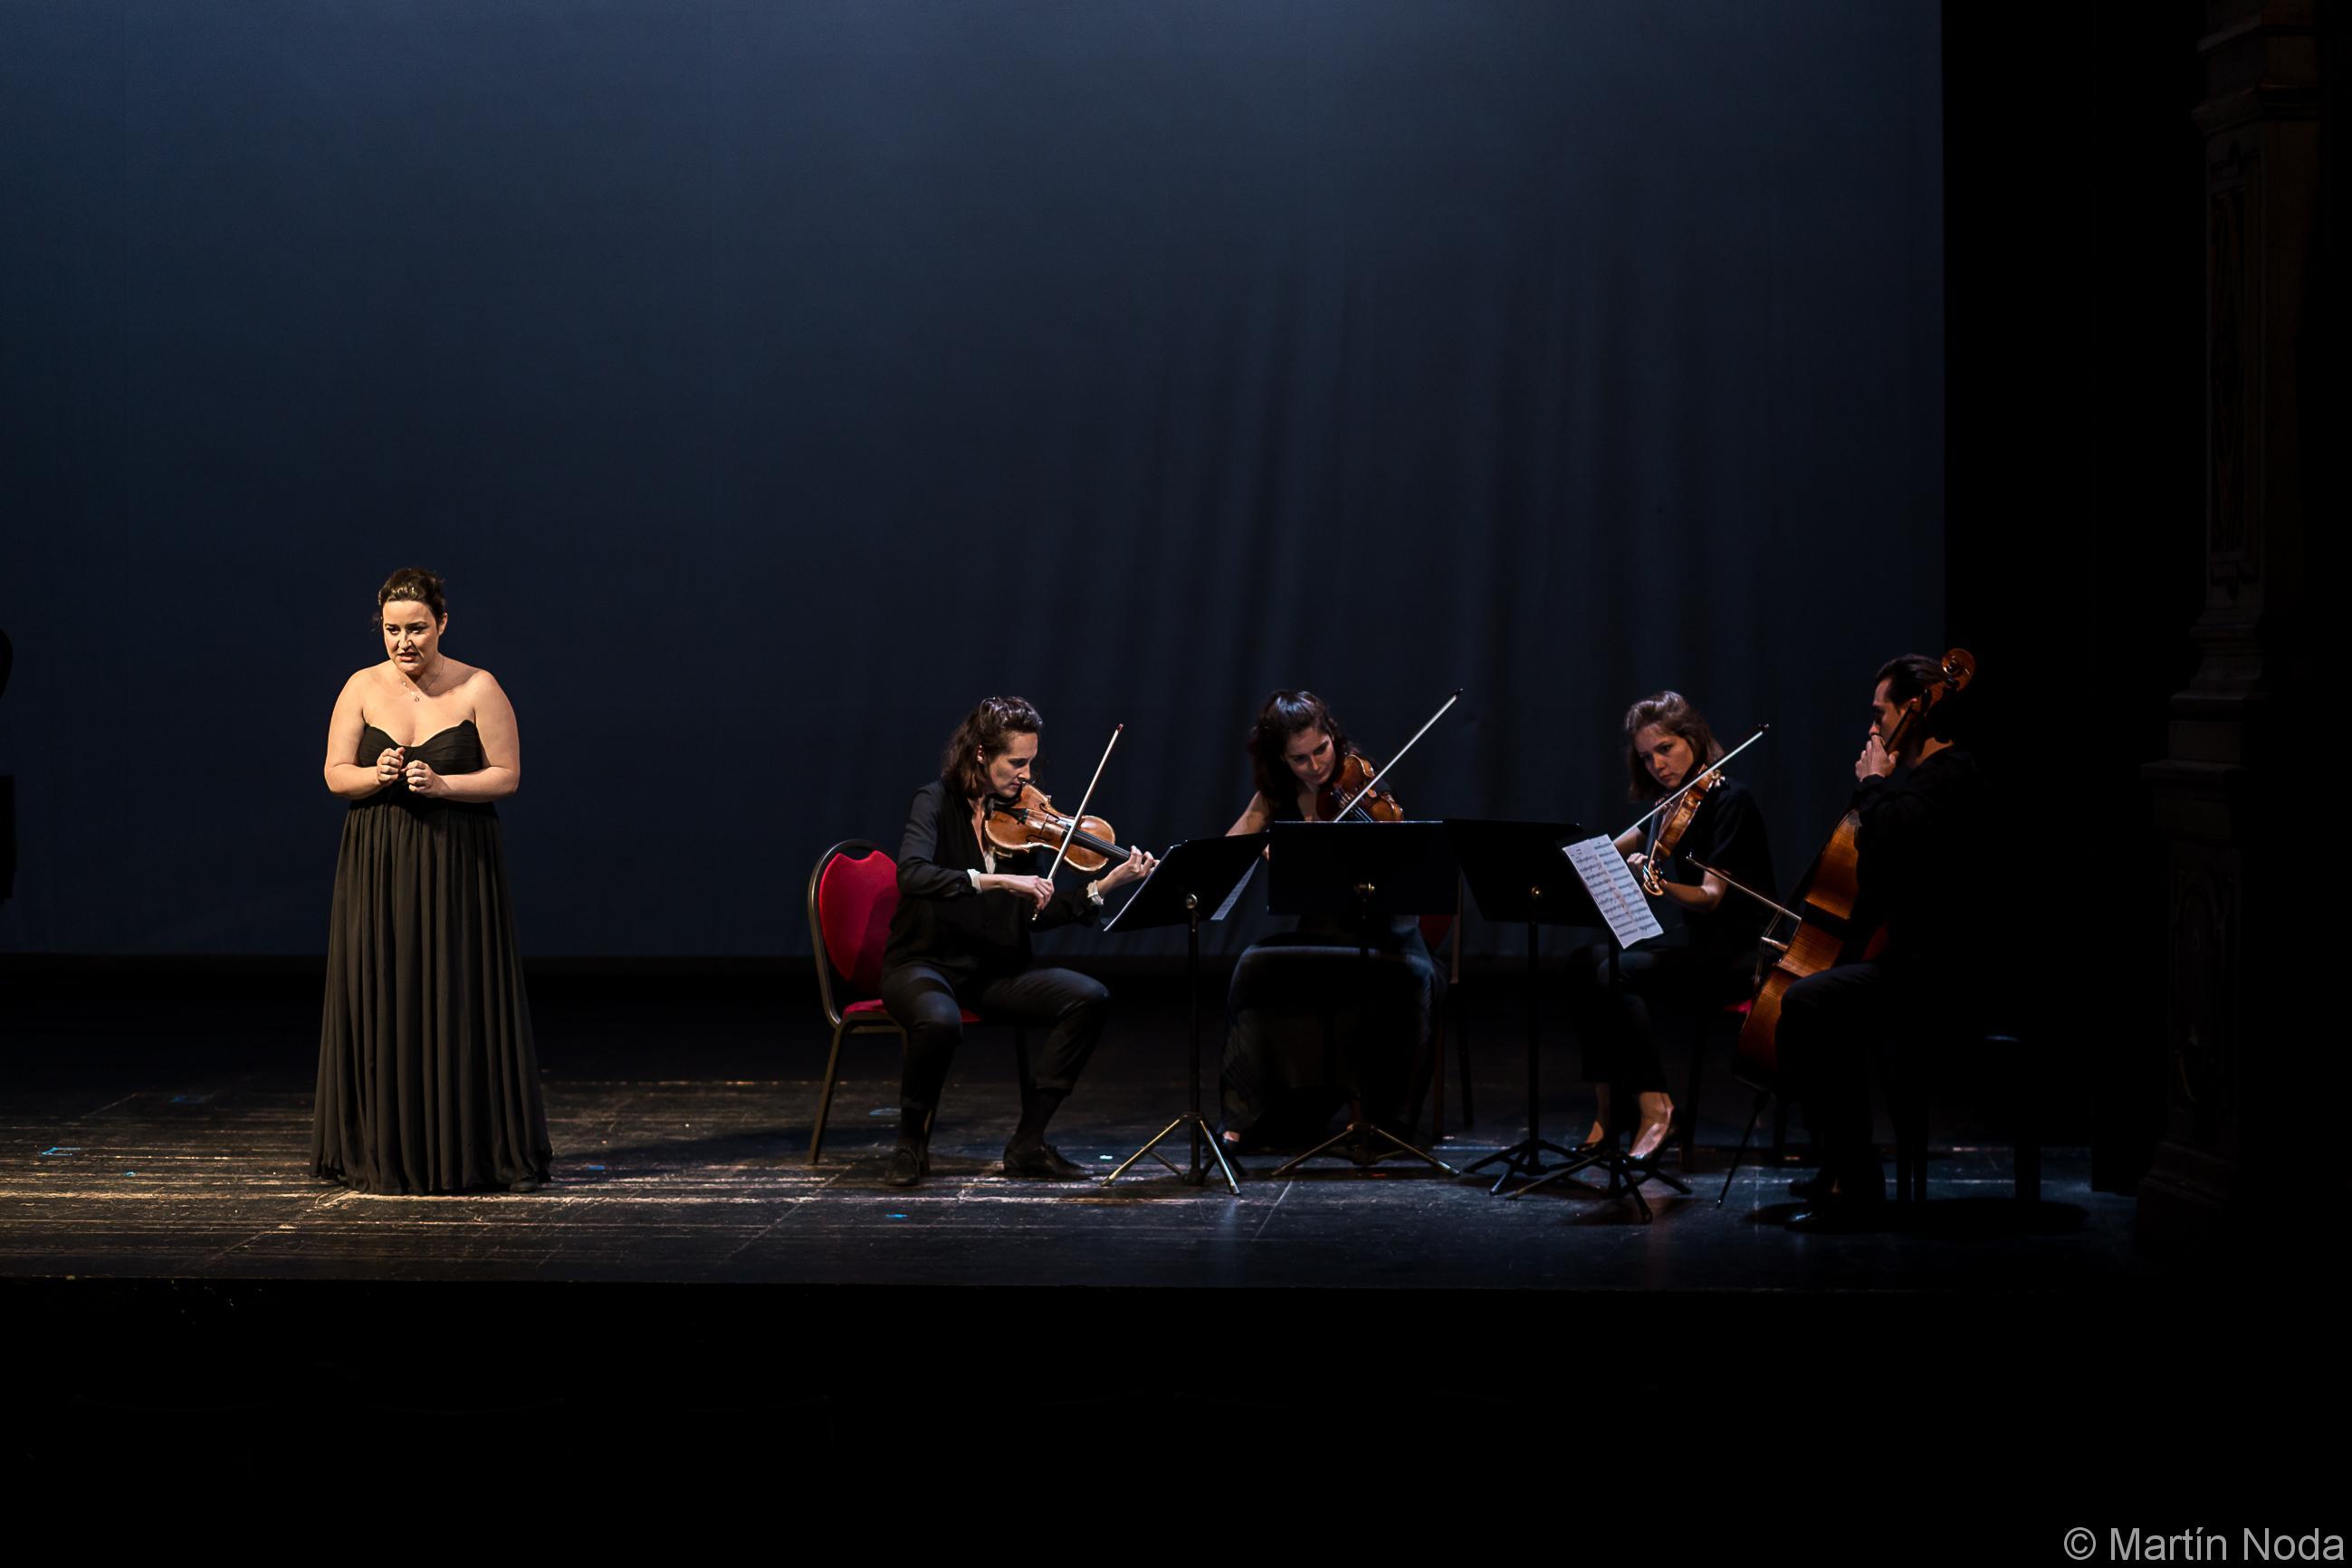 Marie Soubestre, Fiona Monbet, Hélène Maréchaux, Léa Hennino et Gauthier Broutin